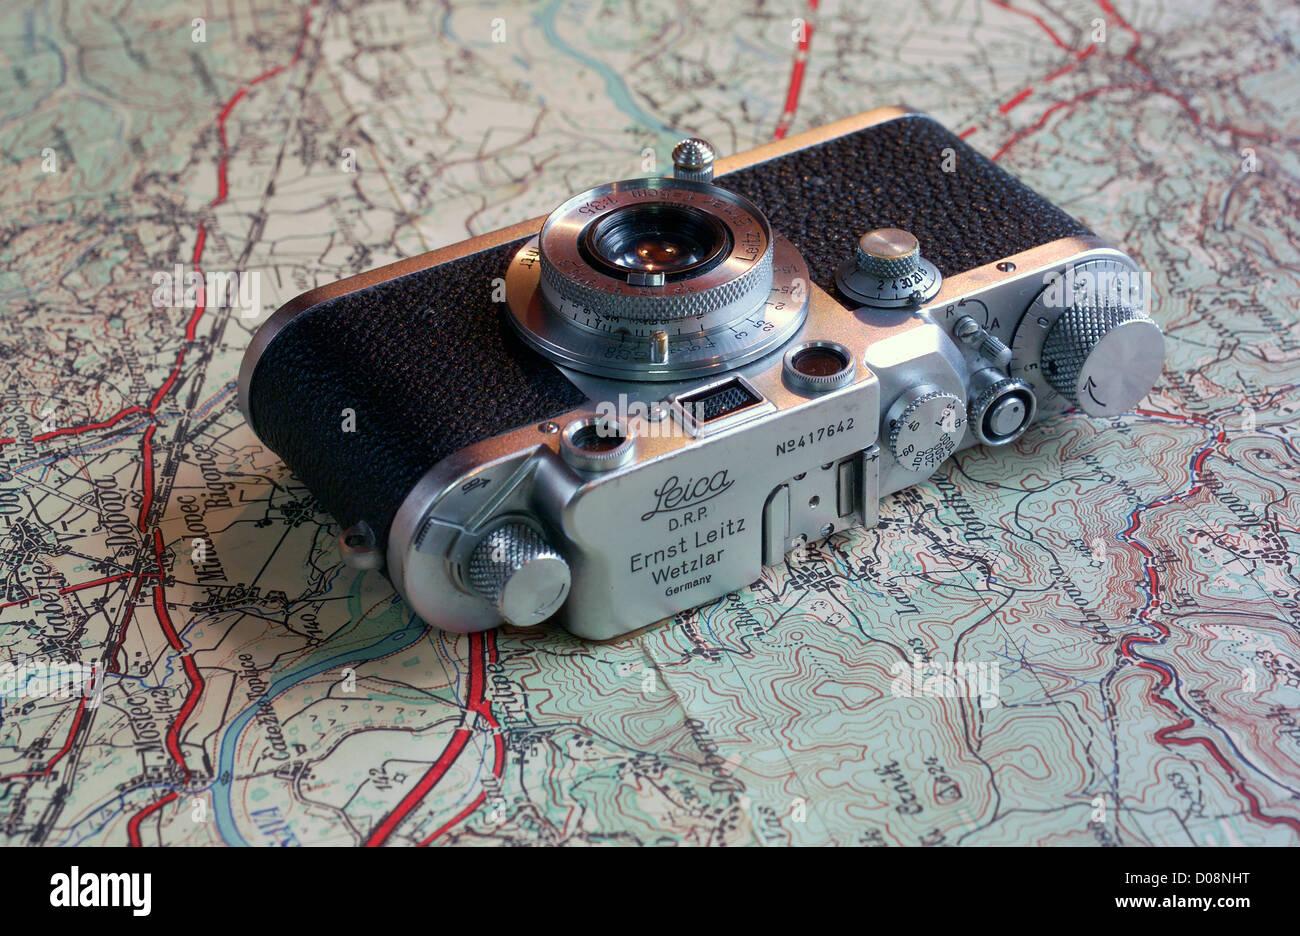 Messsucherkamera Leica IIIc aus den 1930er Jahren auf Reisekarte Stockbild